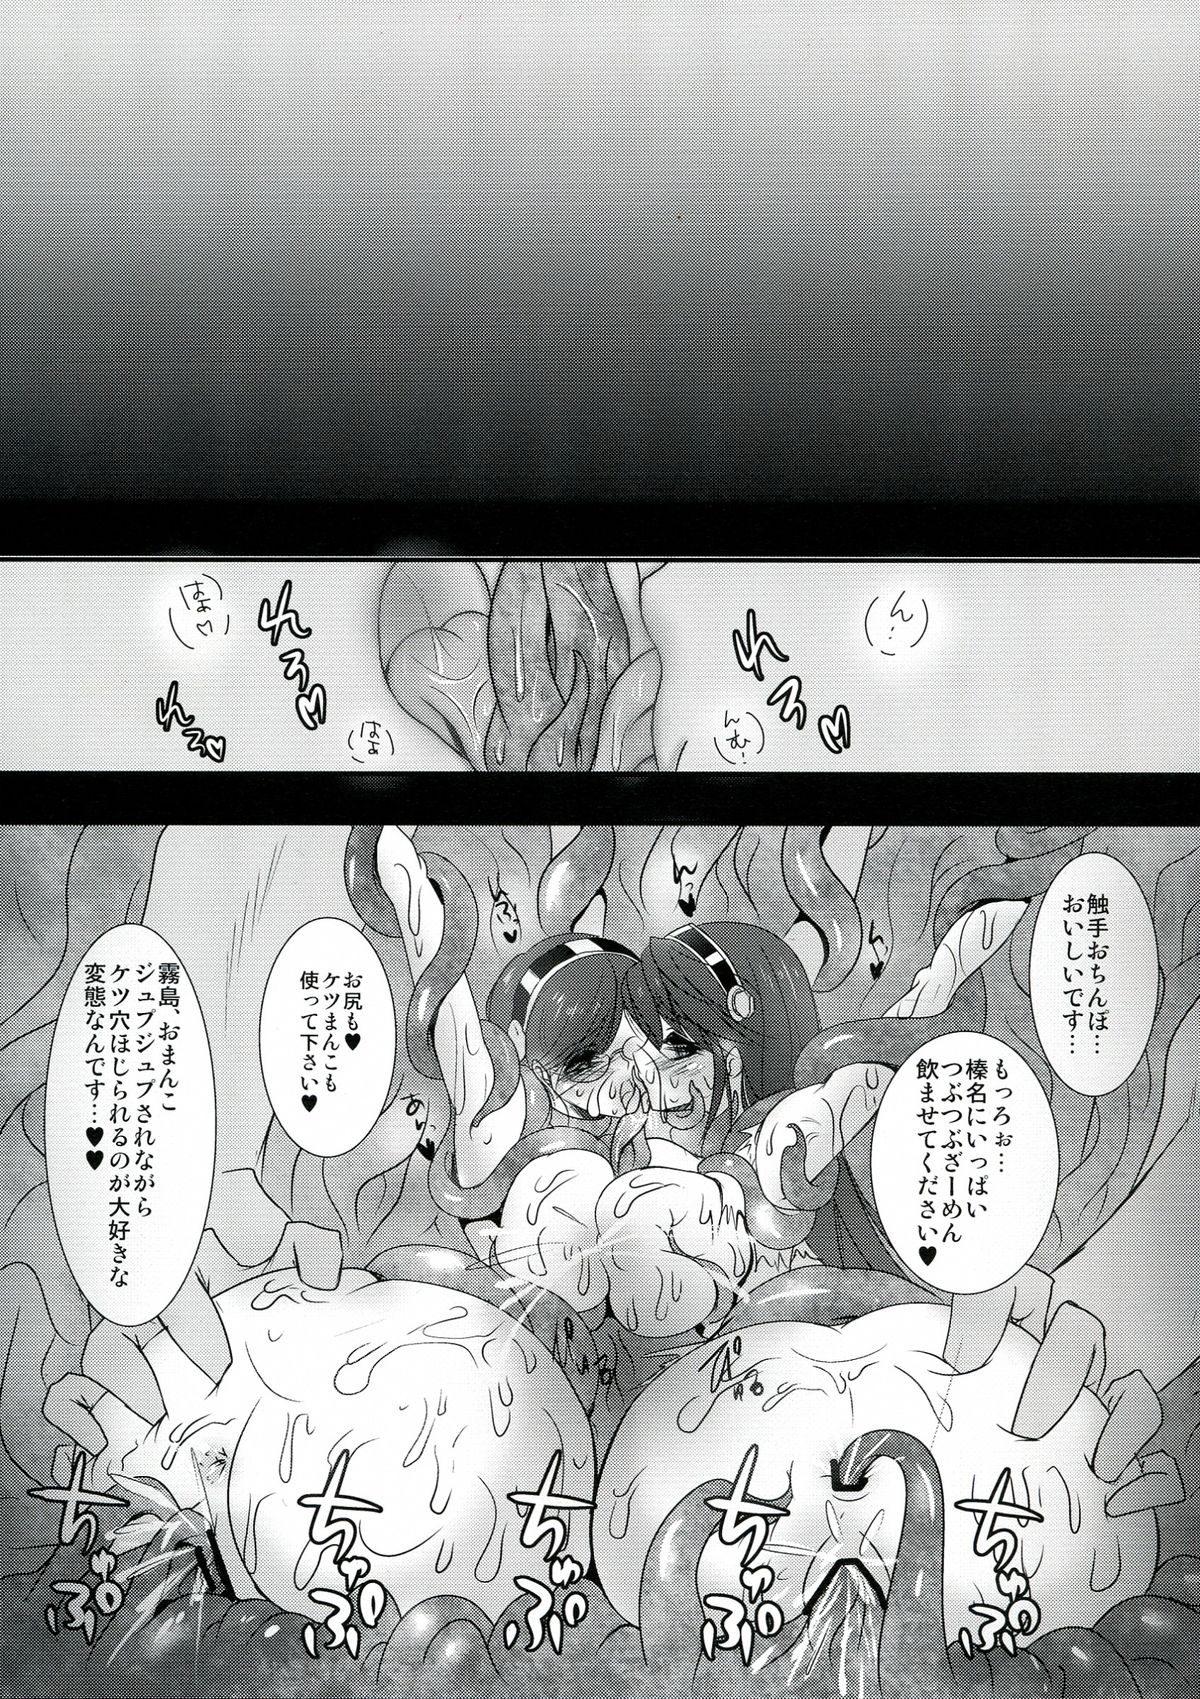 【エロ漫画】艦隊これくしょん 轟沈された榛名と霧島が深海棲艦の機械触手でドロドロに責められて快楽堕ち!